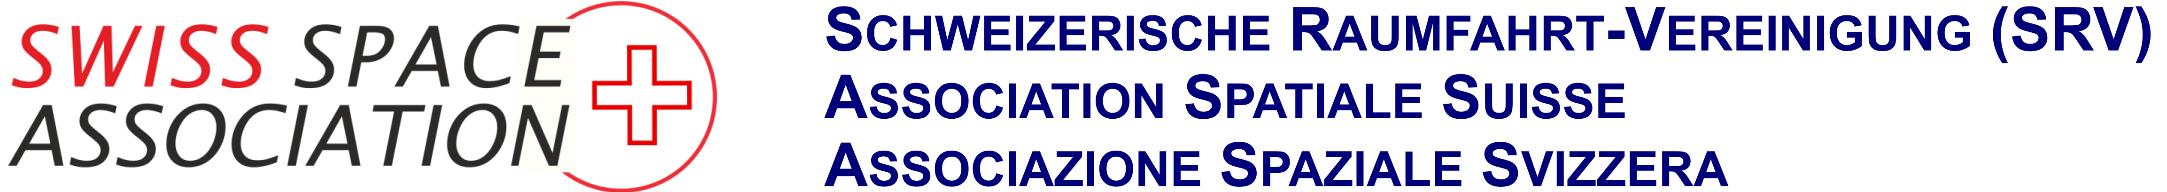 SSA_Logo_und_Schrift